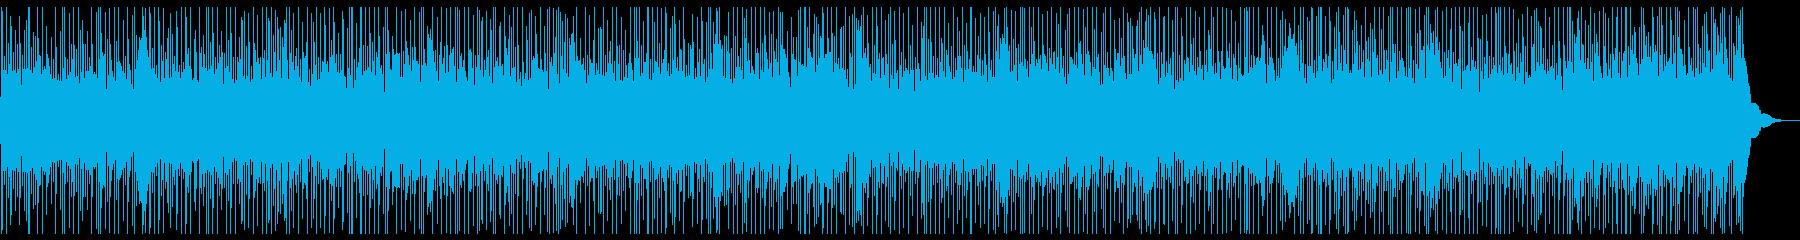 疾走感あふれるカントリーフォークの再生済みの波形